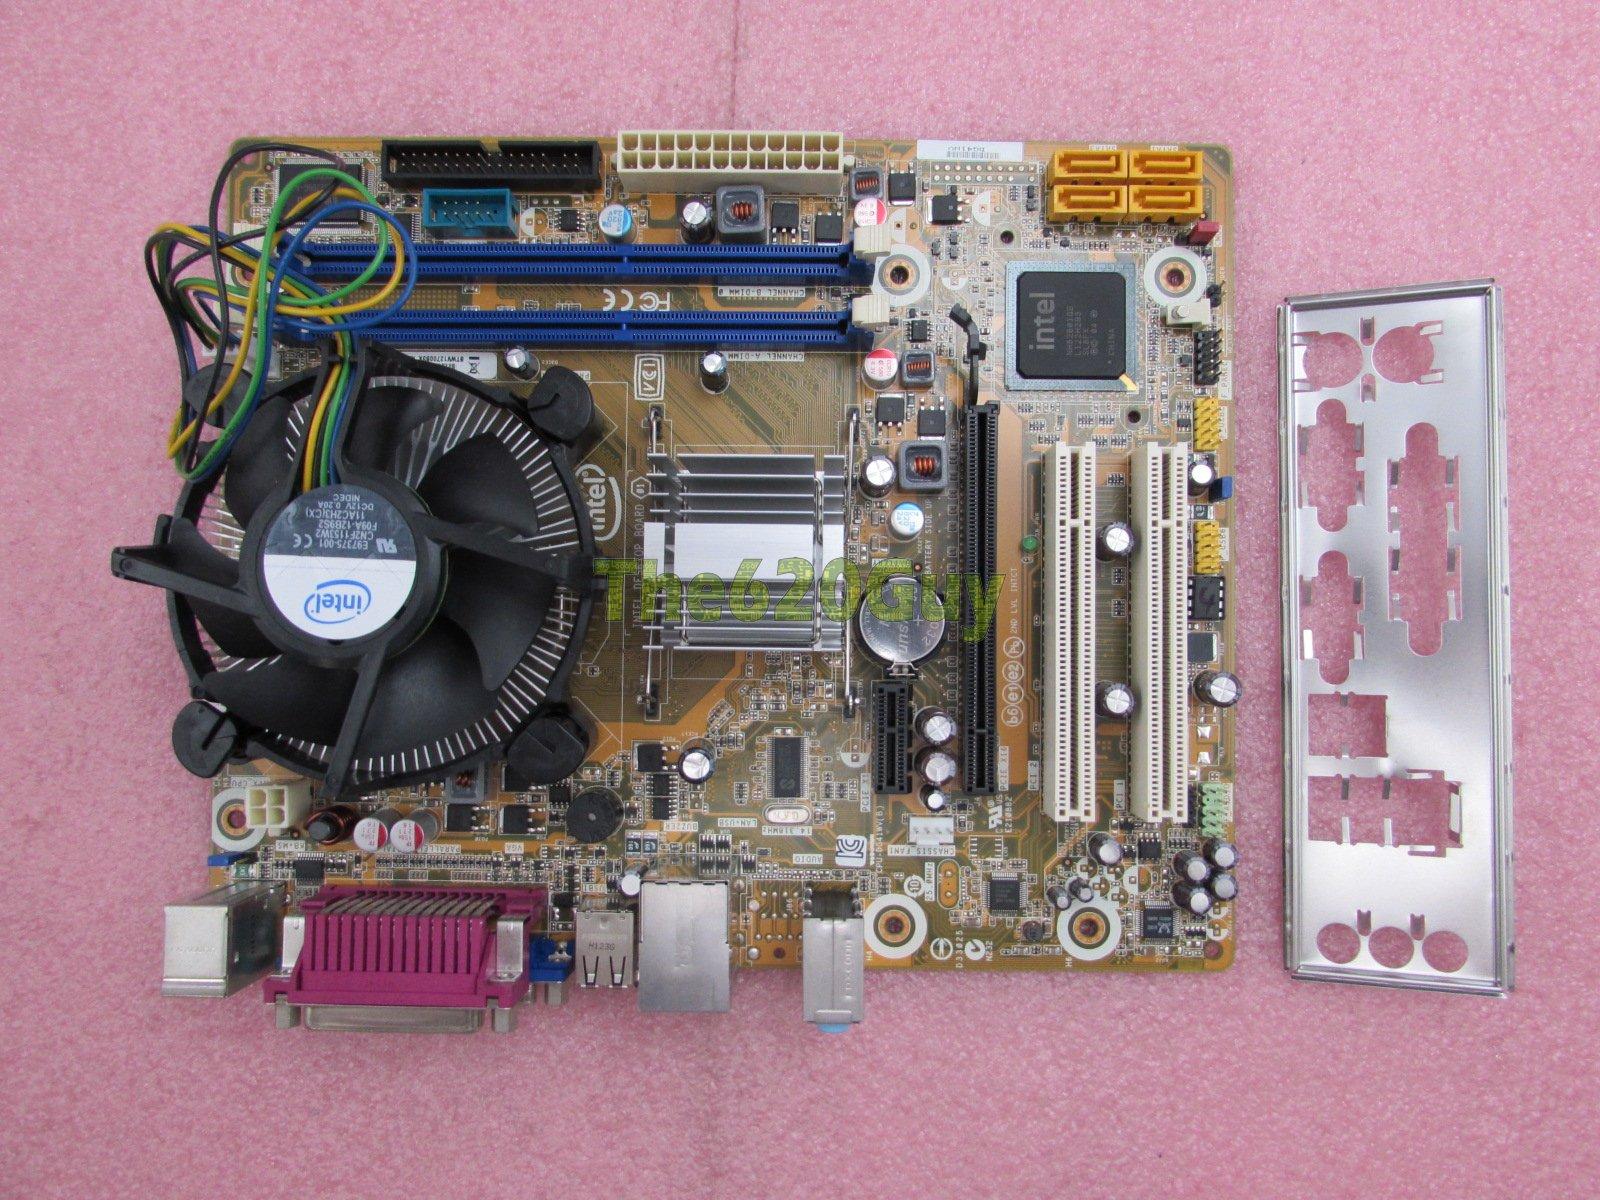 dg41wv motherboard driver